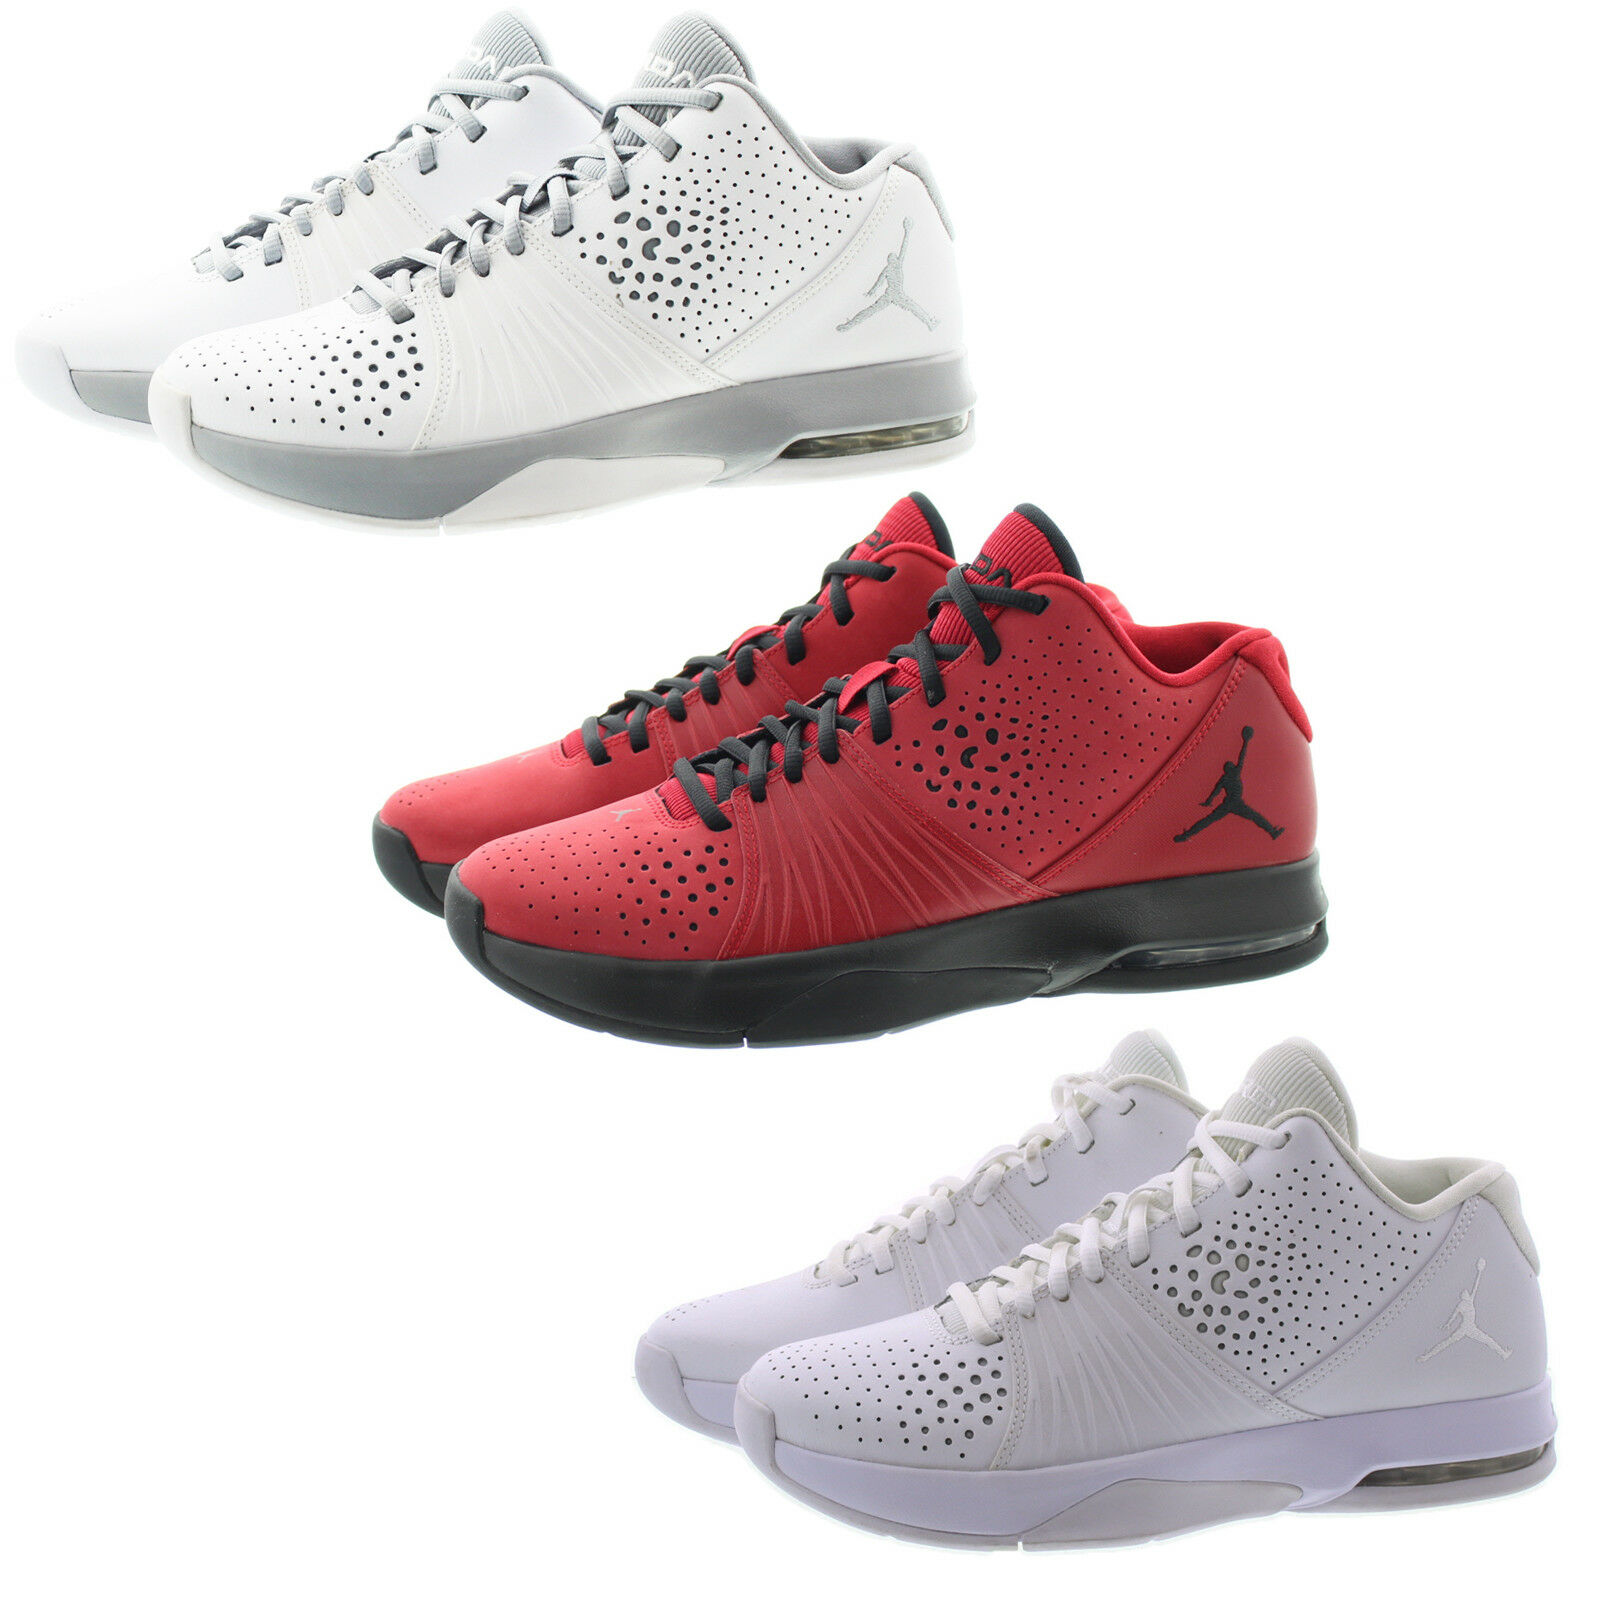 Nike 807546 Mens Air Jordan 5AM Low Top Basketball Training Basketball Top Shoes Sneakers b1d698